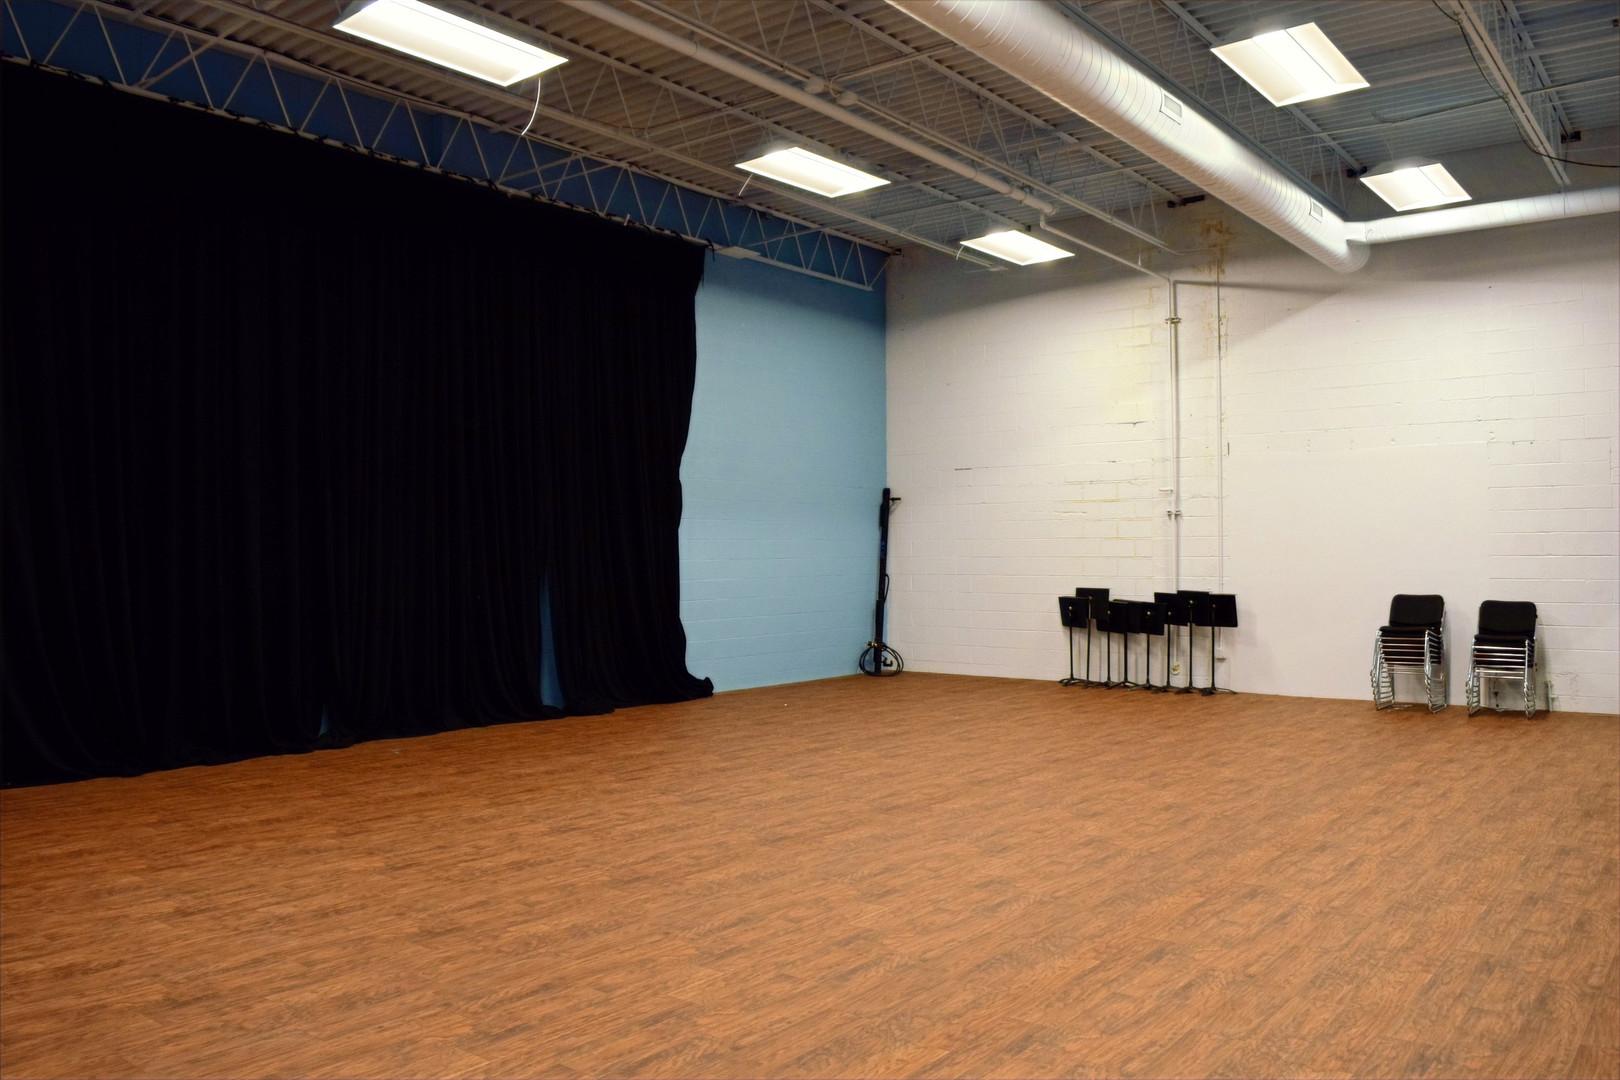 New Rehearsal Hall